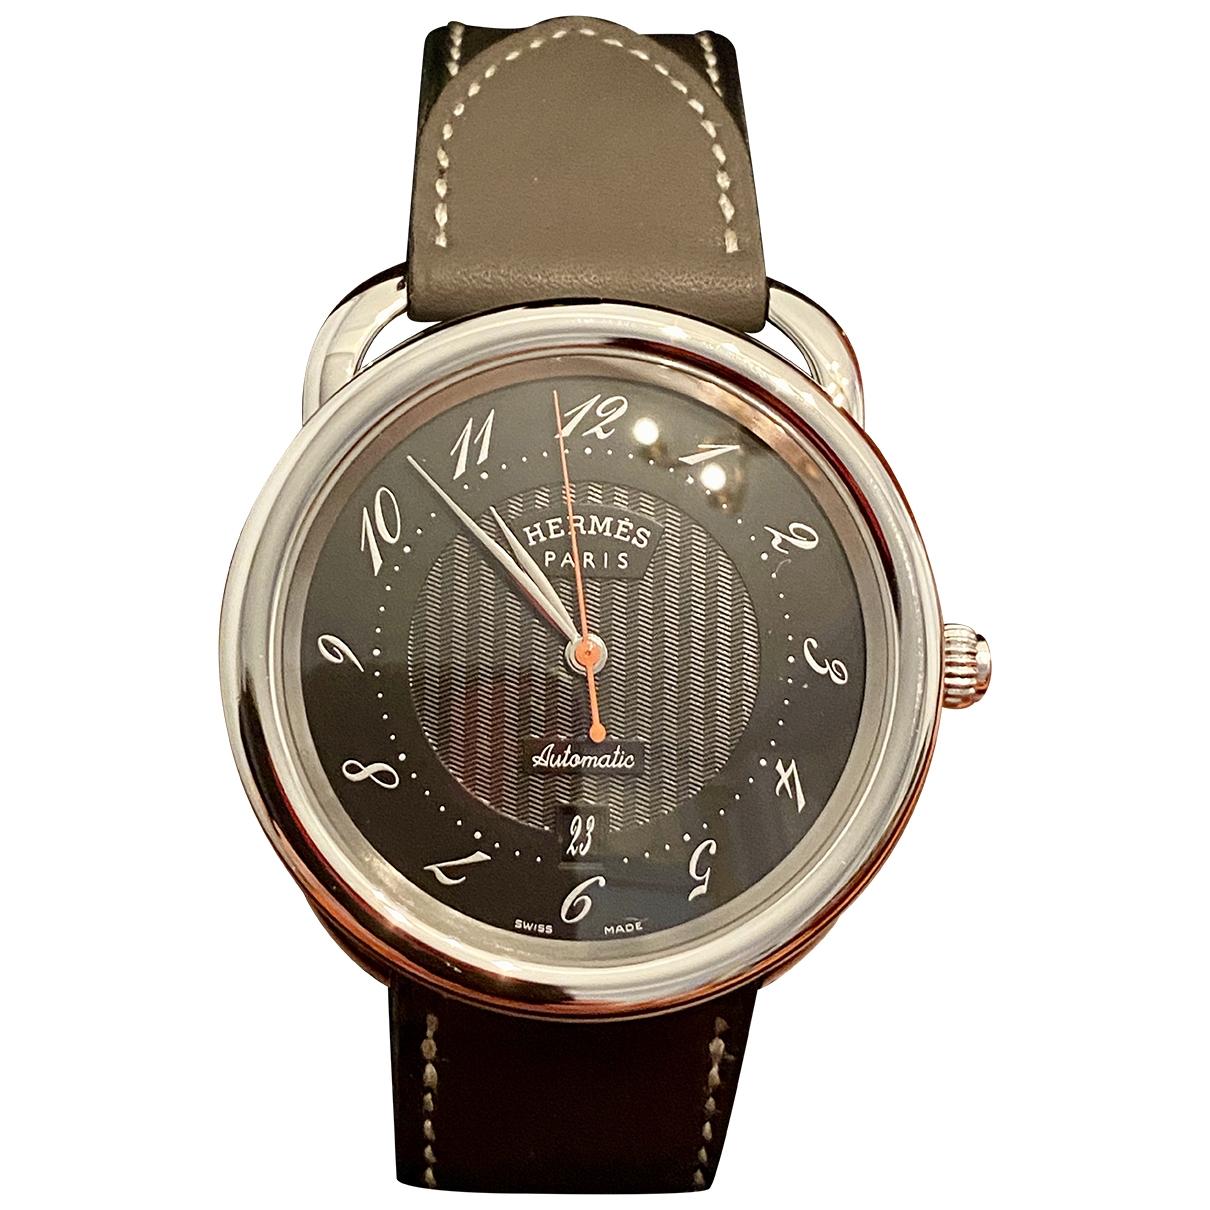 Hermes Arceau Uhr in Stahl